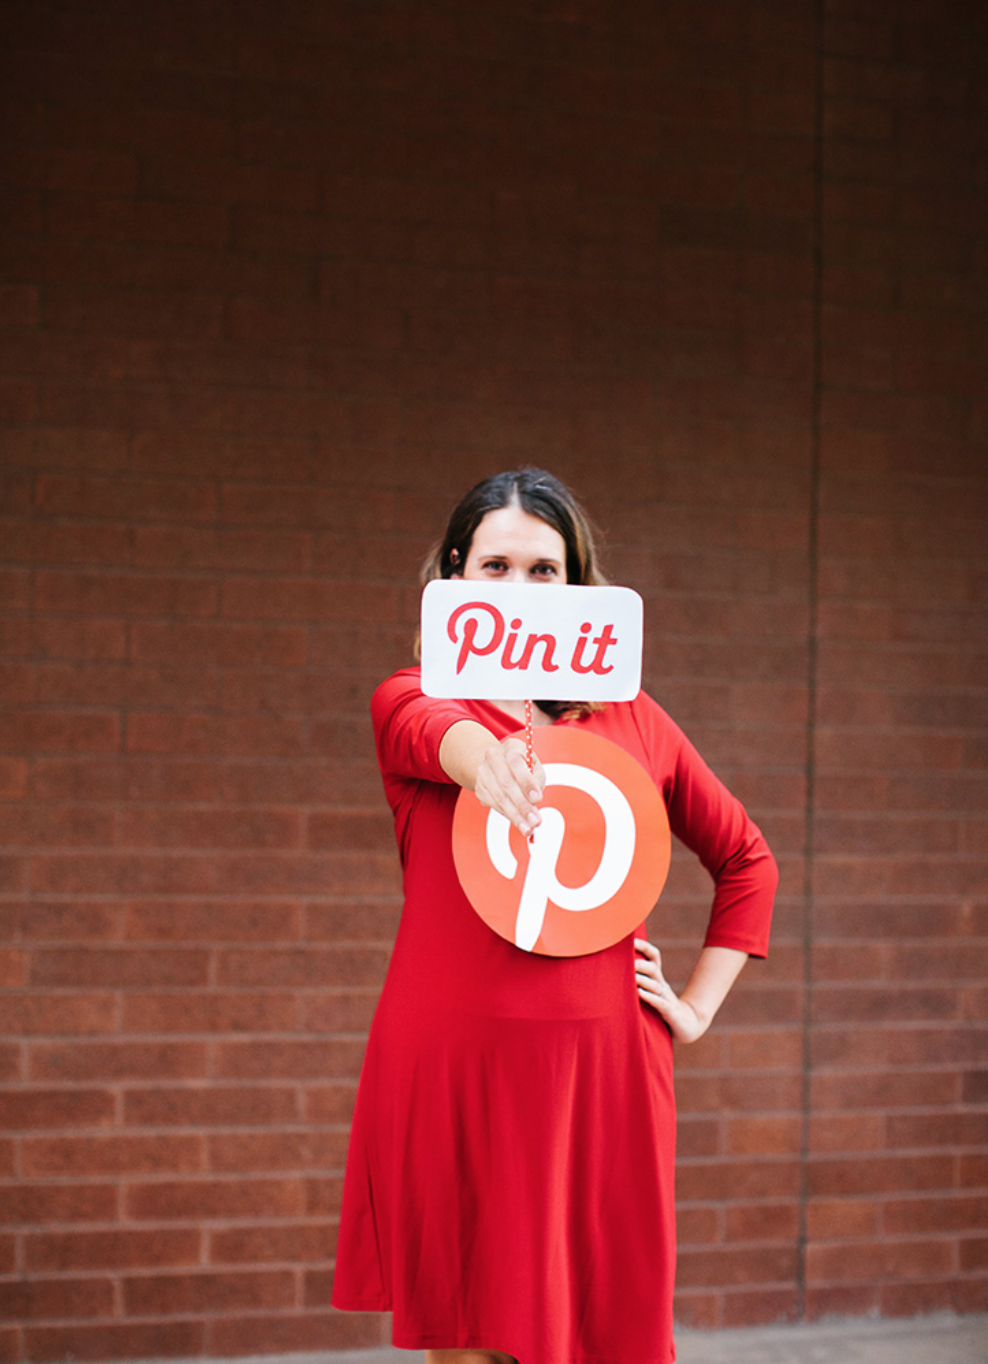 Pinterest - What you'll need: Plain red dress, Pinterest logo print out, Pin it logo print-out and a hot glue gun.